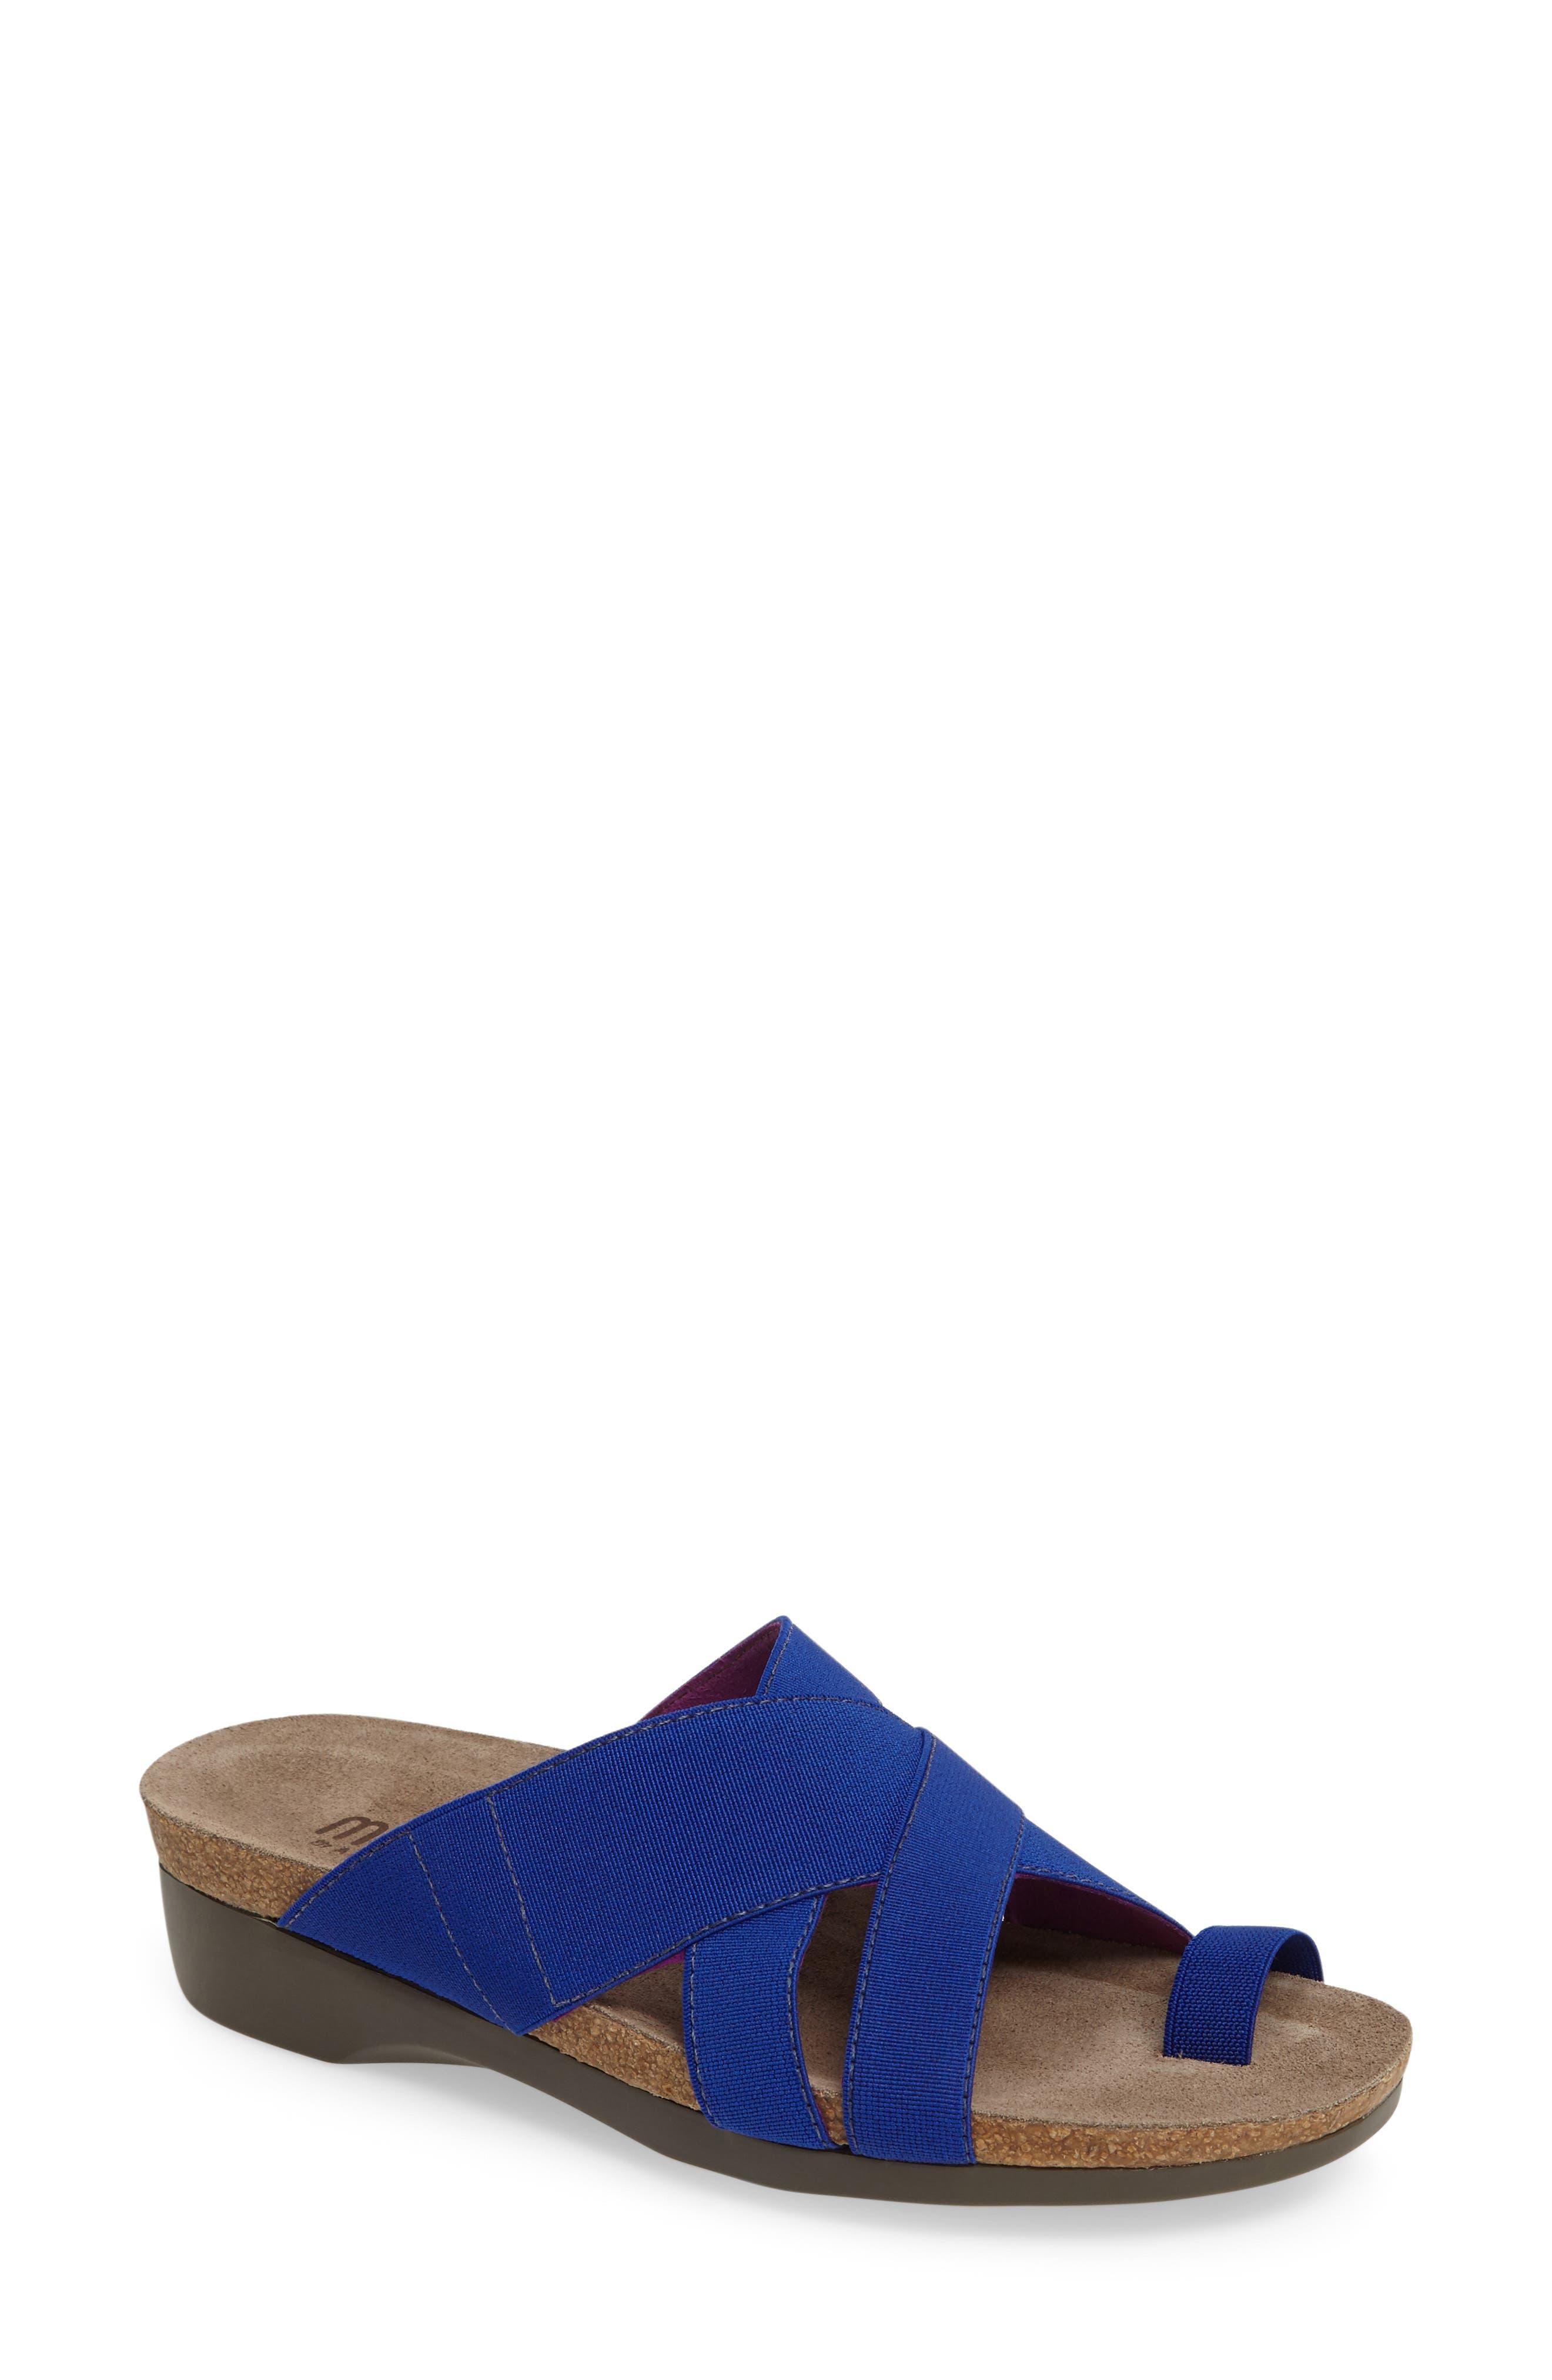 Delphi Slide Sandal,                             Main thumbnail 3, color,